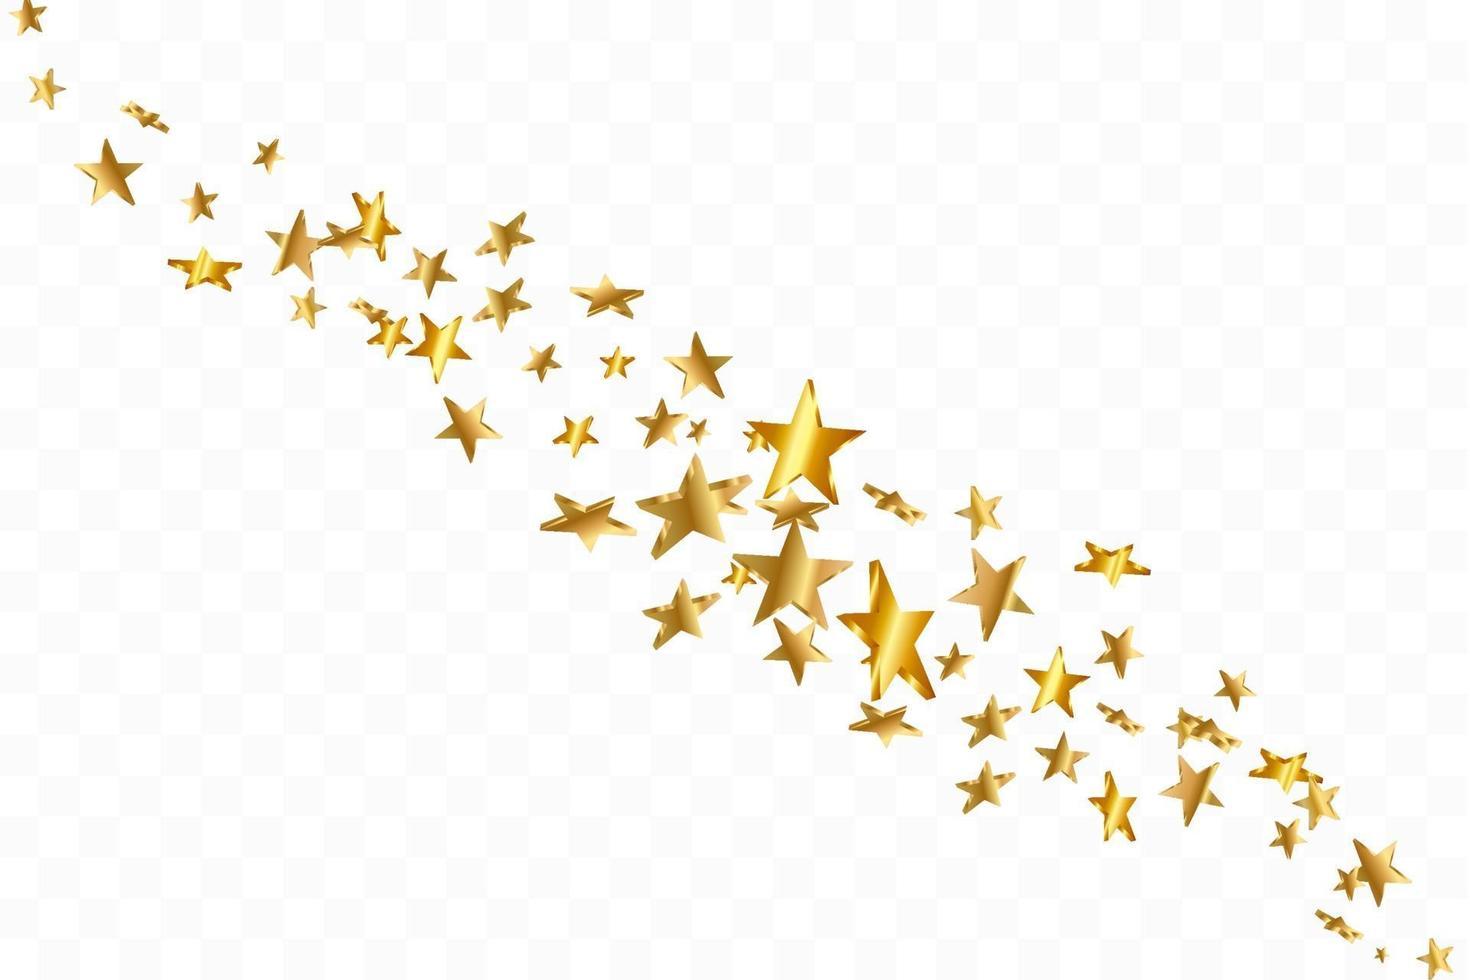 Étoile 3D tombant. or jaune étoilé sur fond transparent. fond d'étoile de confettis de vecteur. carte dorée étoilée. confettis tombent décor chaotique. vecteur